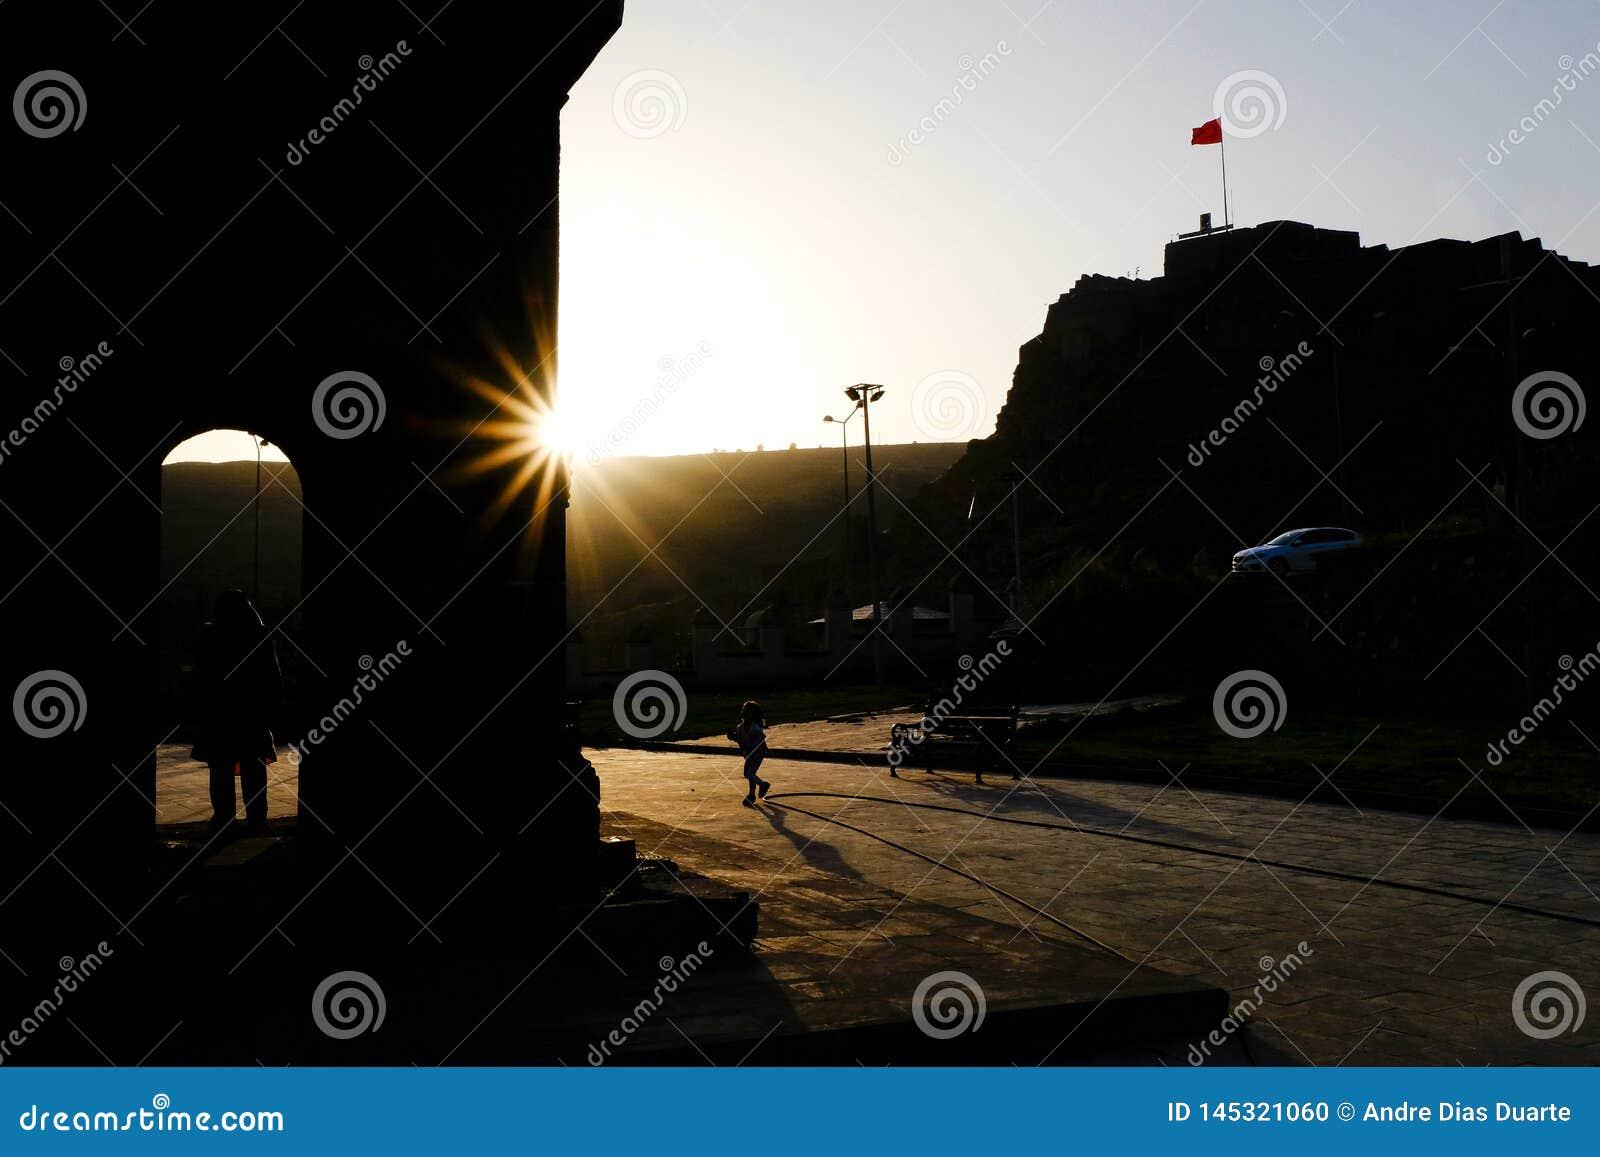 Child running across the square at sundown against the light